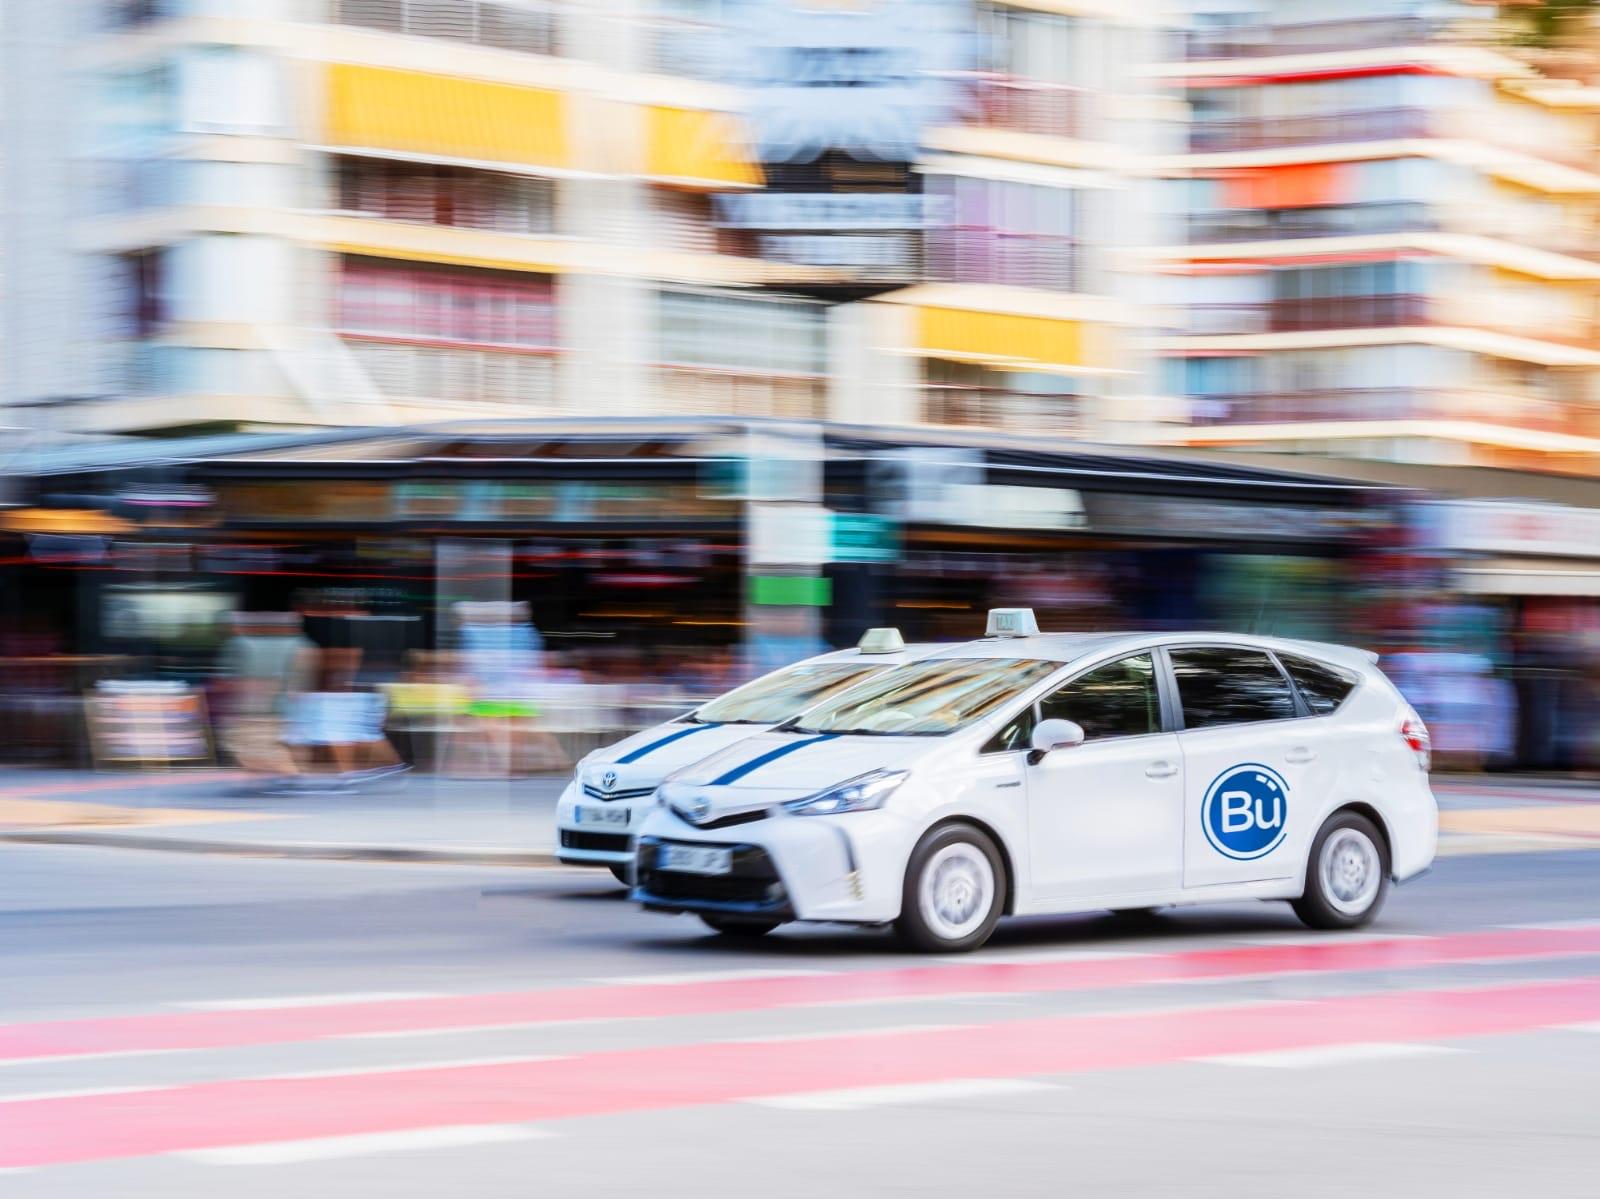 publicidad taxi benidorm - buooh - gestores de espacios publicitarios